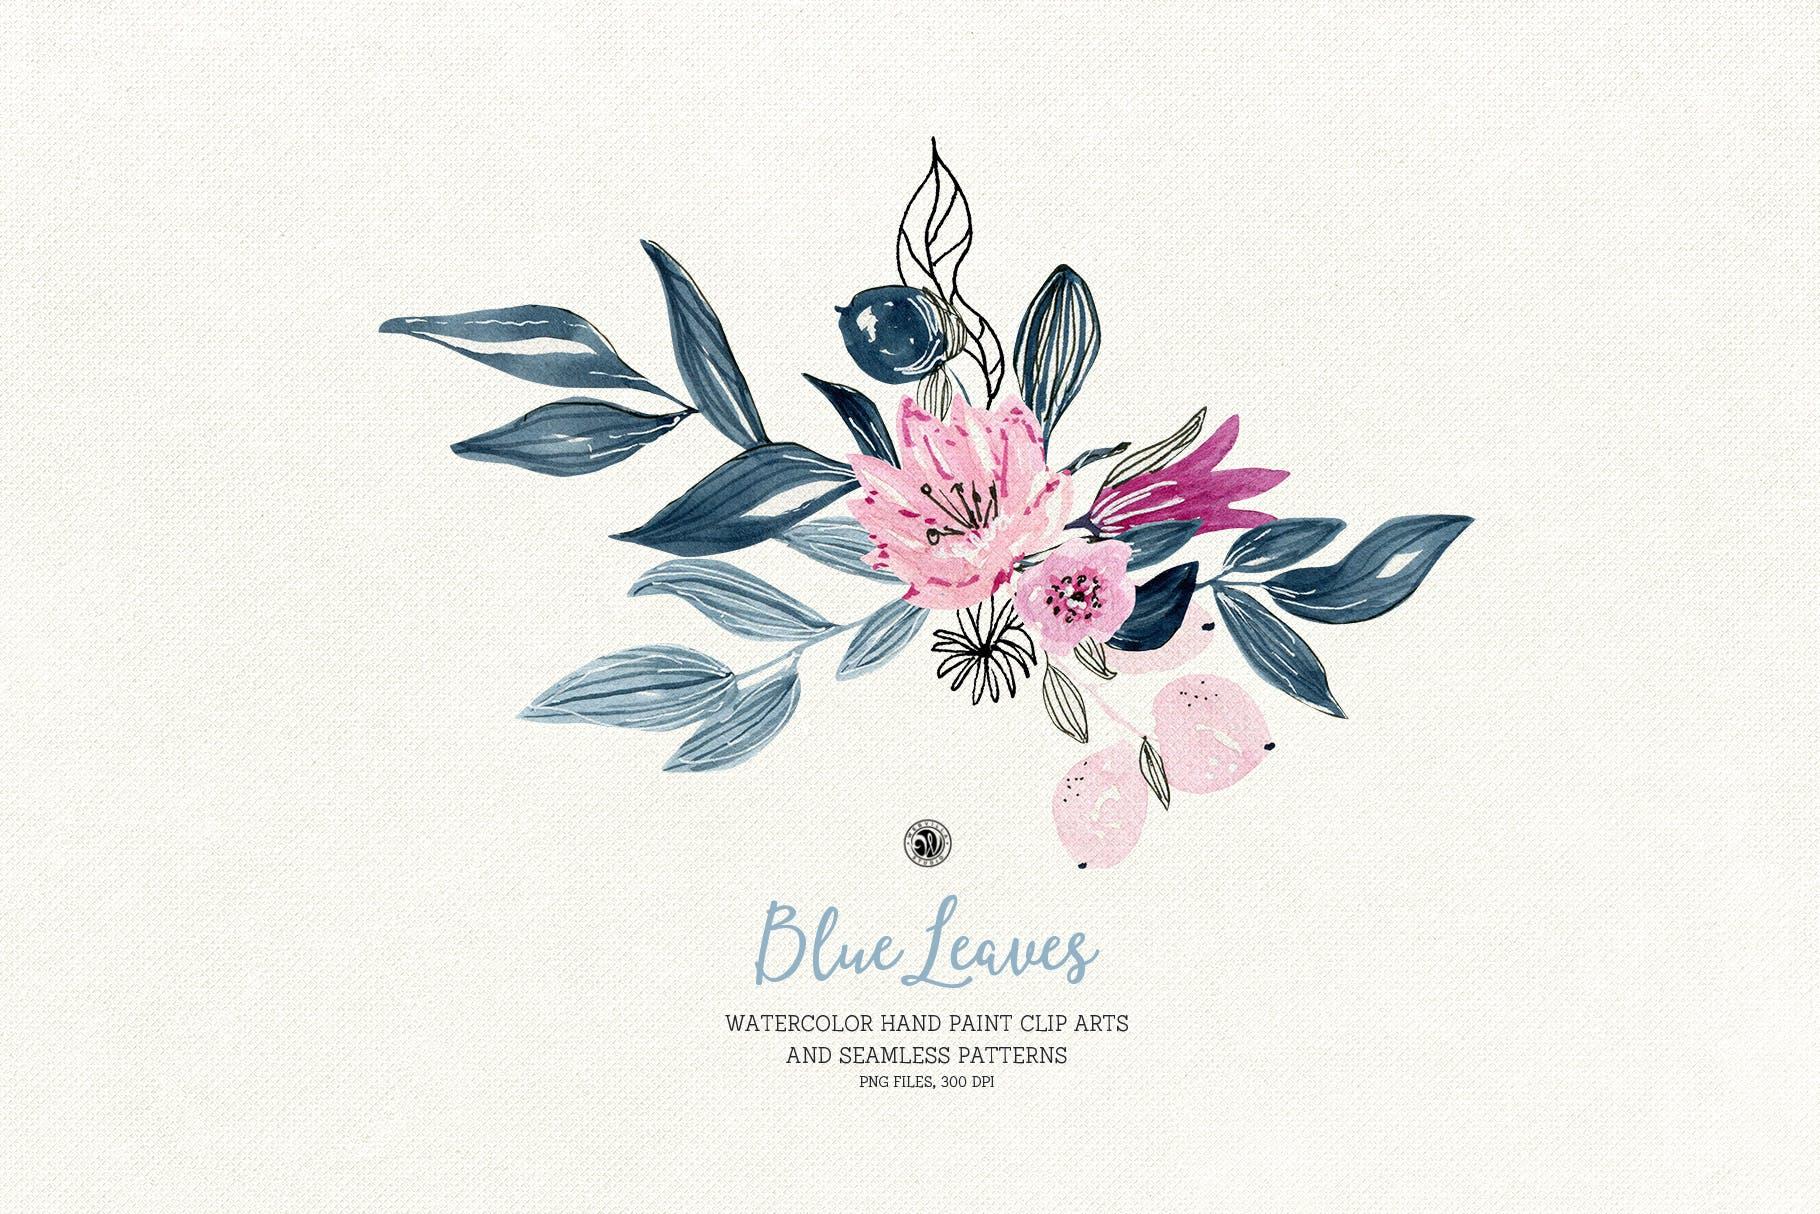 精致优雅水彩花卉图案纹理素材Blue Leaves插图(2)